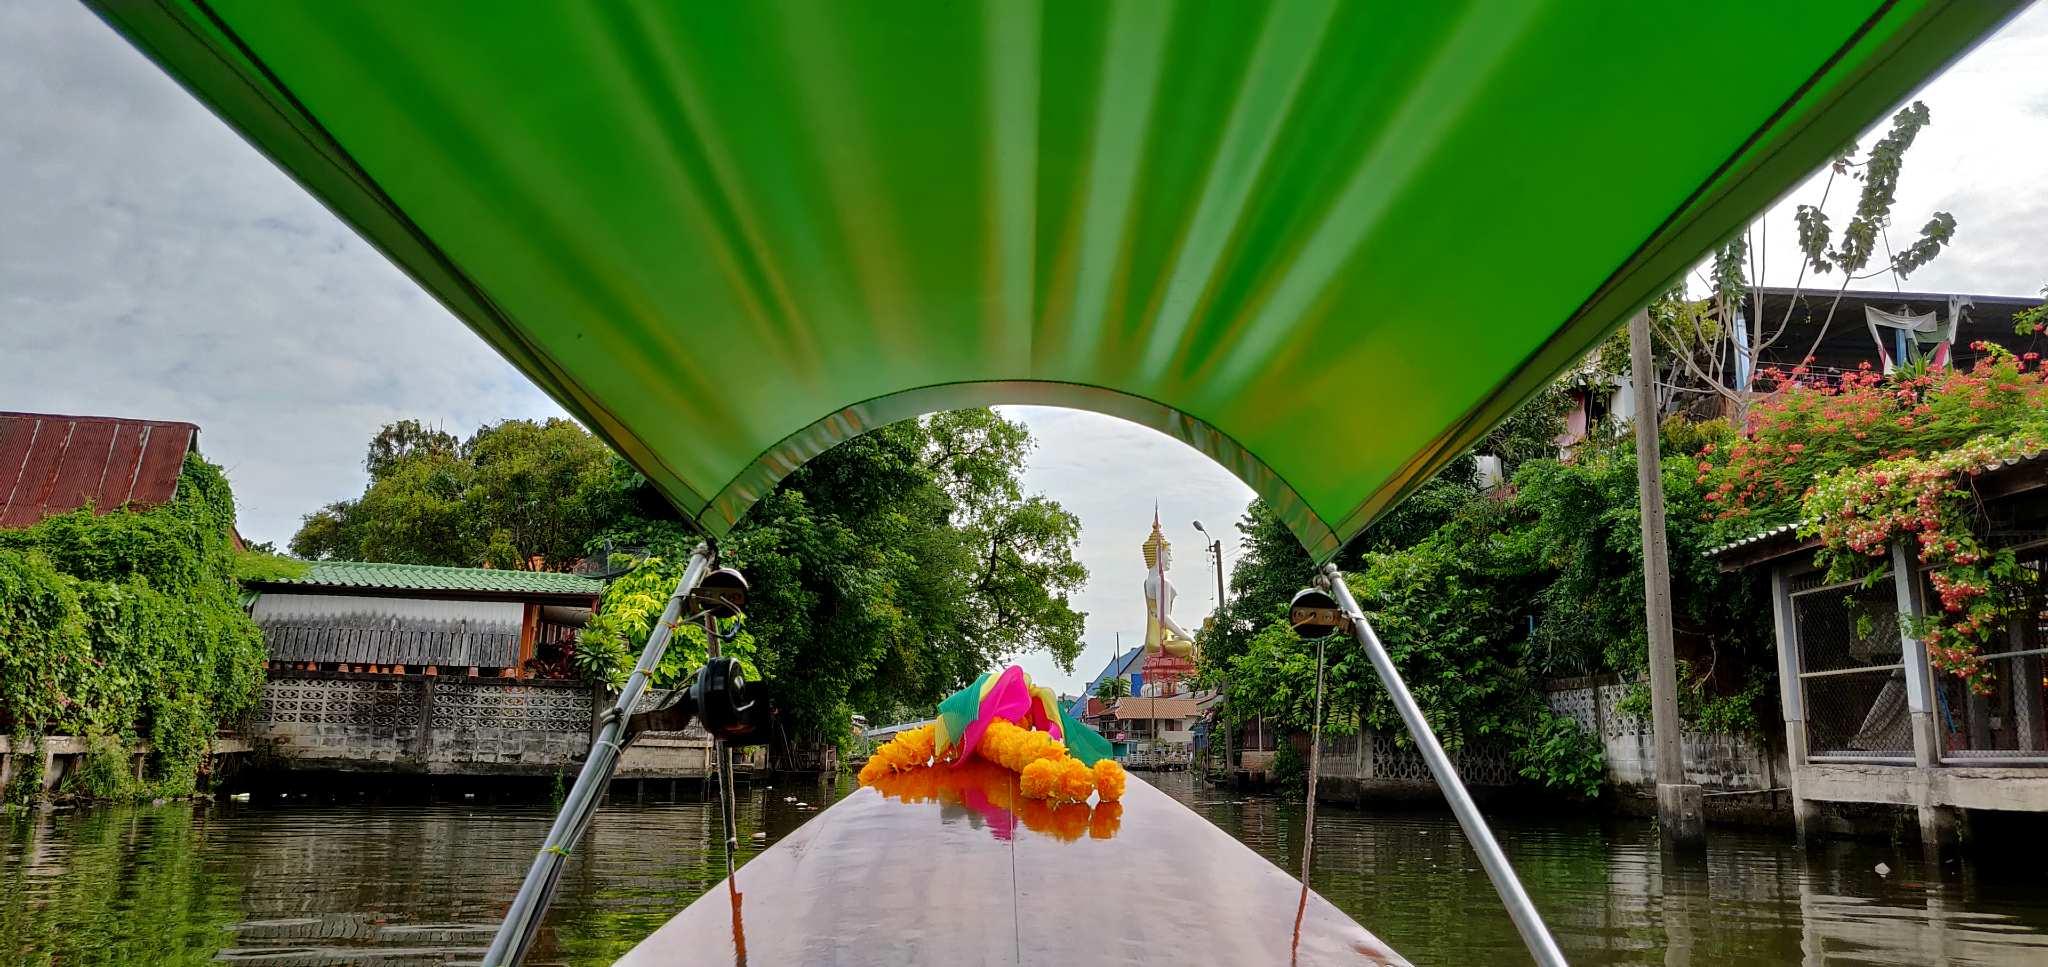 Longtailboot in de kanalen van Bangkok, met een tempel op de achtergrond